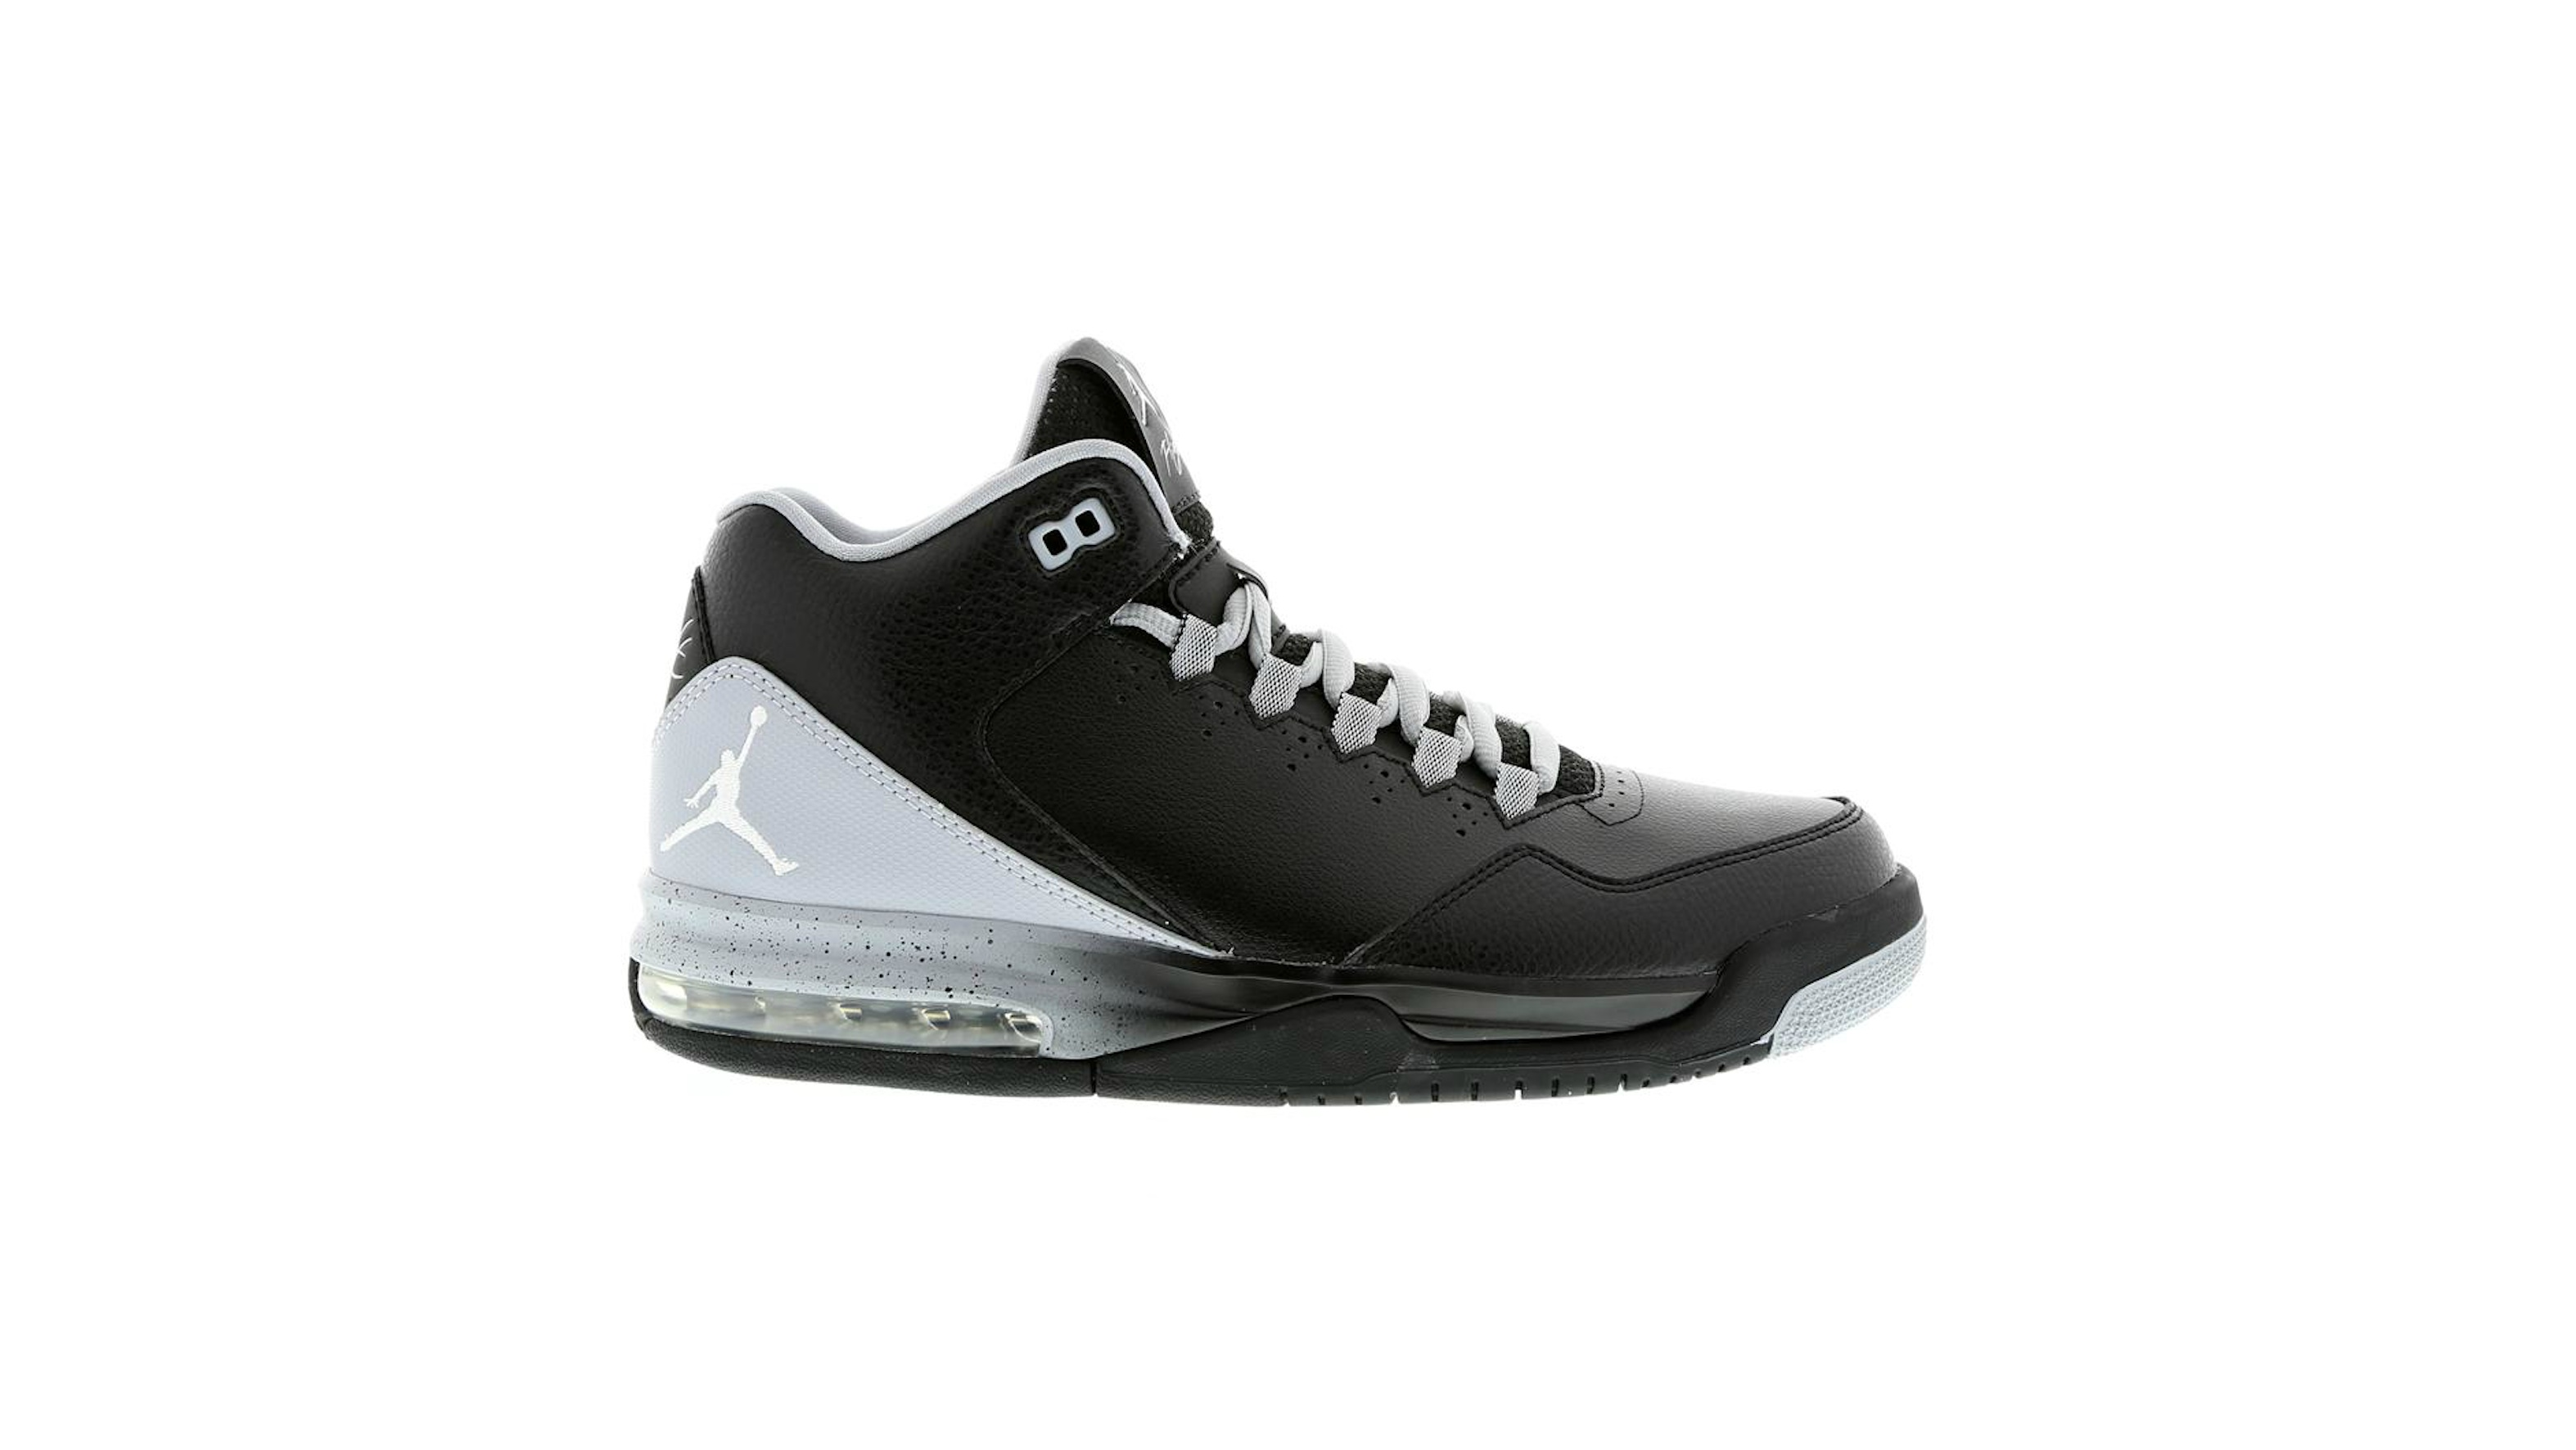 fd8e5afc3 Off71 Scarpe Locker Nike Acquista Foot Sconti qpxUwCIwO